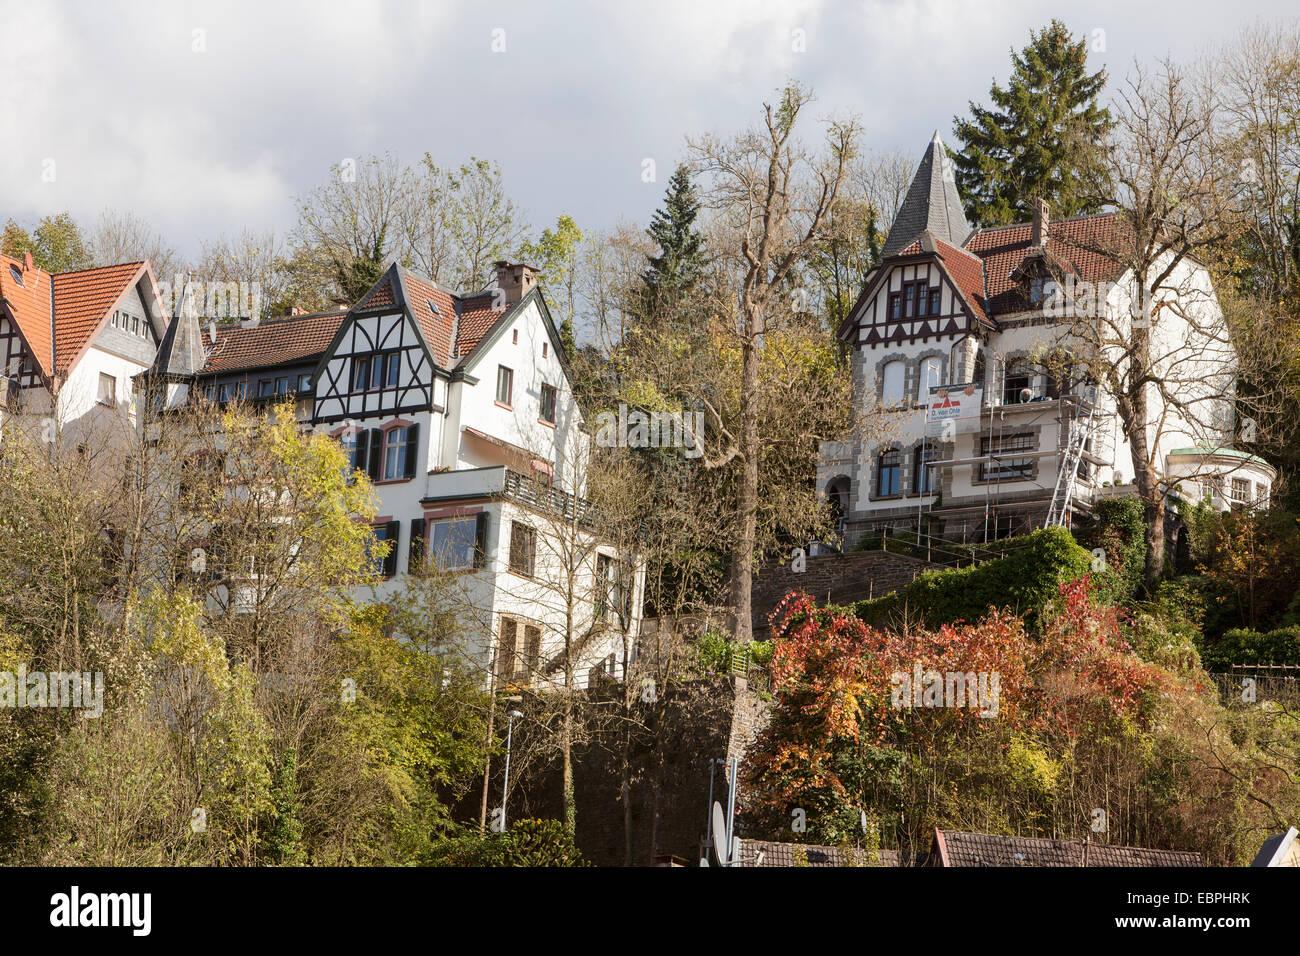 Wohnhaus, Altena, Lennetal, Maerkischer Kreis, Sauerland, Nordrhein-Westfalen, Deutschland, Europa, Wohnhäuser, Stockbild